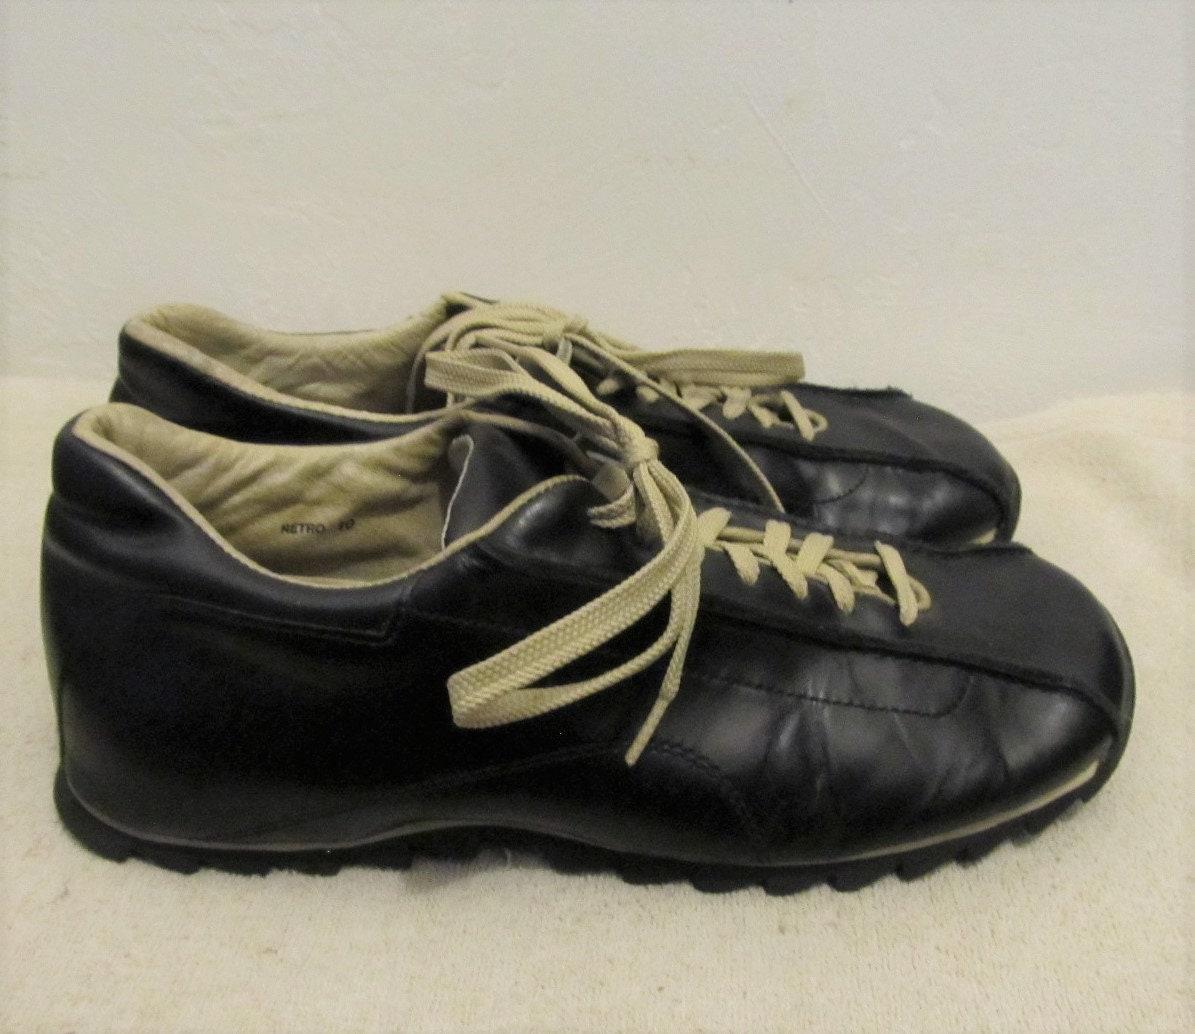 c0a8b1628b6 Men's M0D Vintage Black Square Front,Retro Shoes By STEVE MADDEN.10